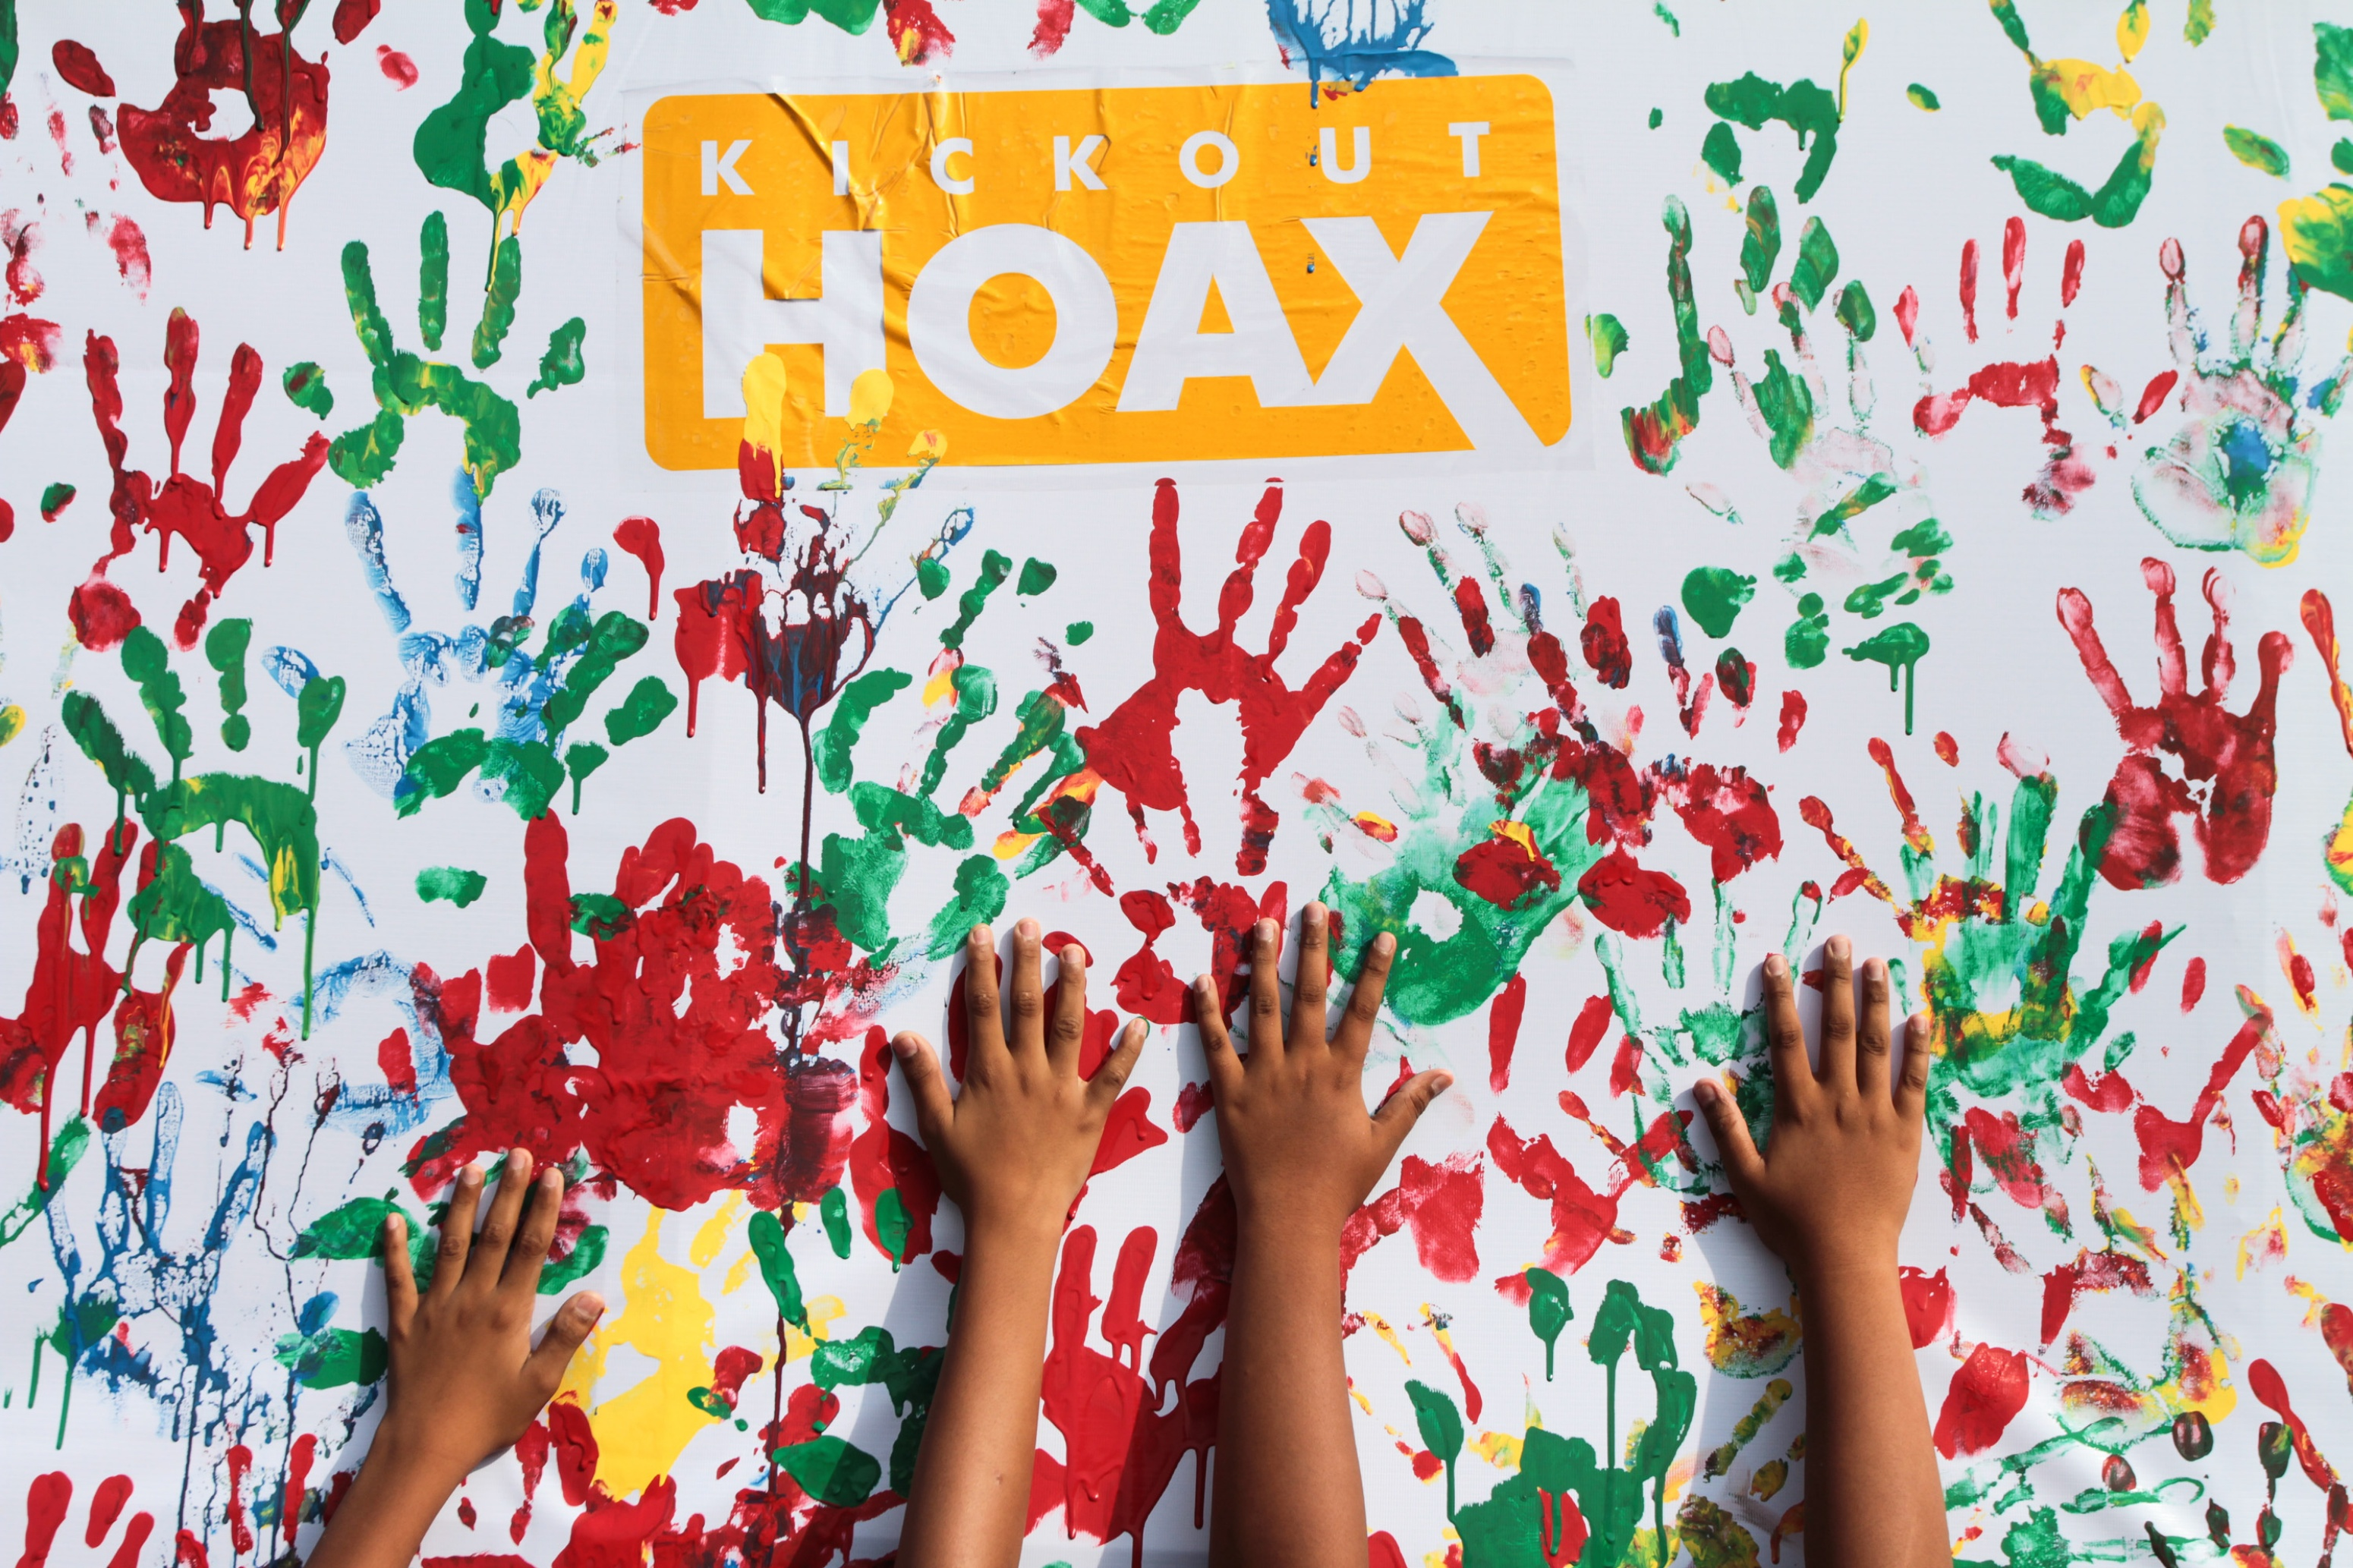 """Warga membubuhkan cap tangan saat aksi """"Kick Out Hoax"""" di Solo, Jawa Tengah, Minggu (8/1). Aksi tersebut sebagai bentuk sosialisasi kepada masyarakat perlunya menanggulangi penyebaran berita bohong (hoax), fitnah, hasutan, ucapan yang menimbulkan kebencian dan SARA yang belakangan ini marak di dunia maya. ANTARA FOTO/Mohammad Ayudha/tom/foc/17."""